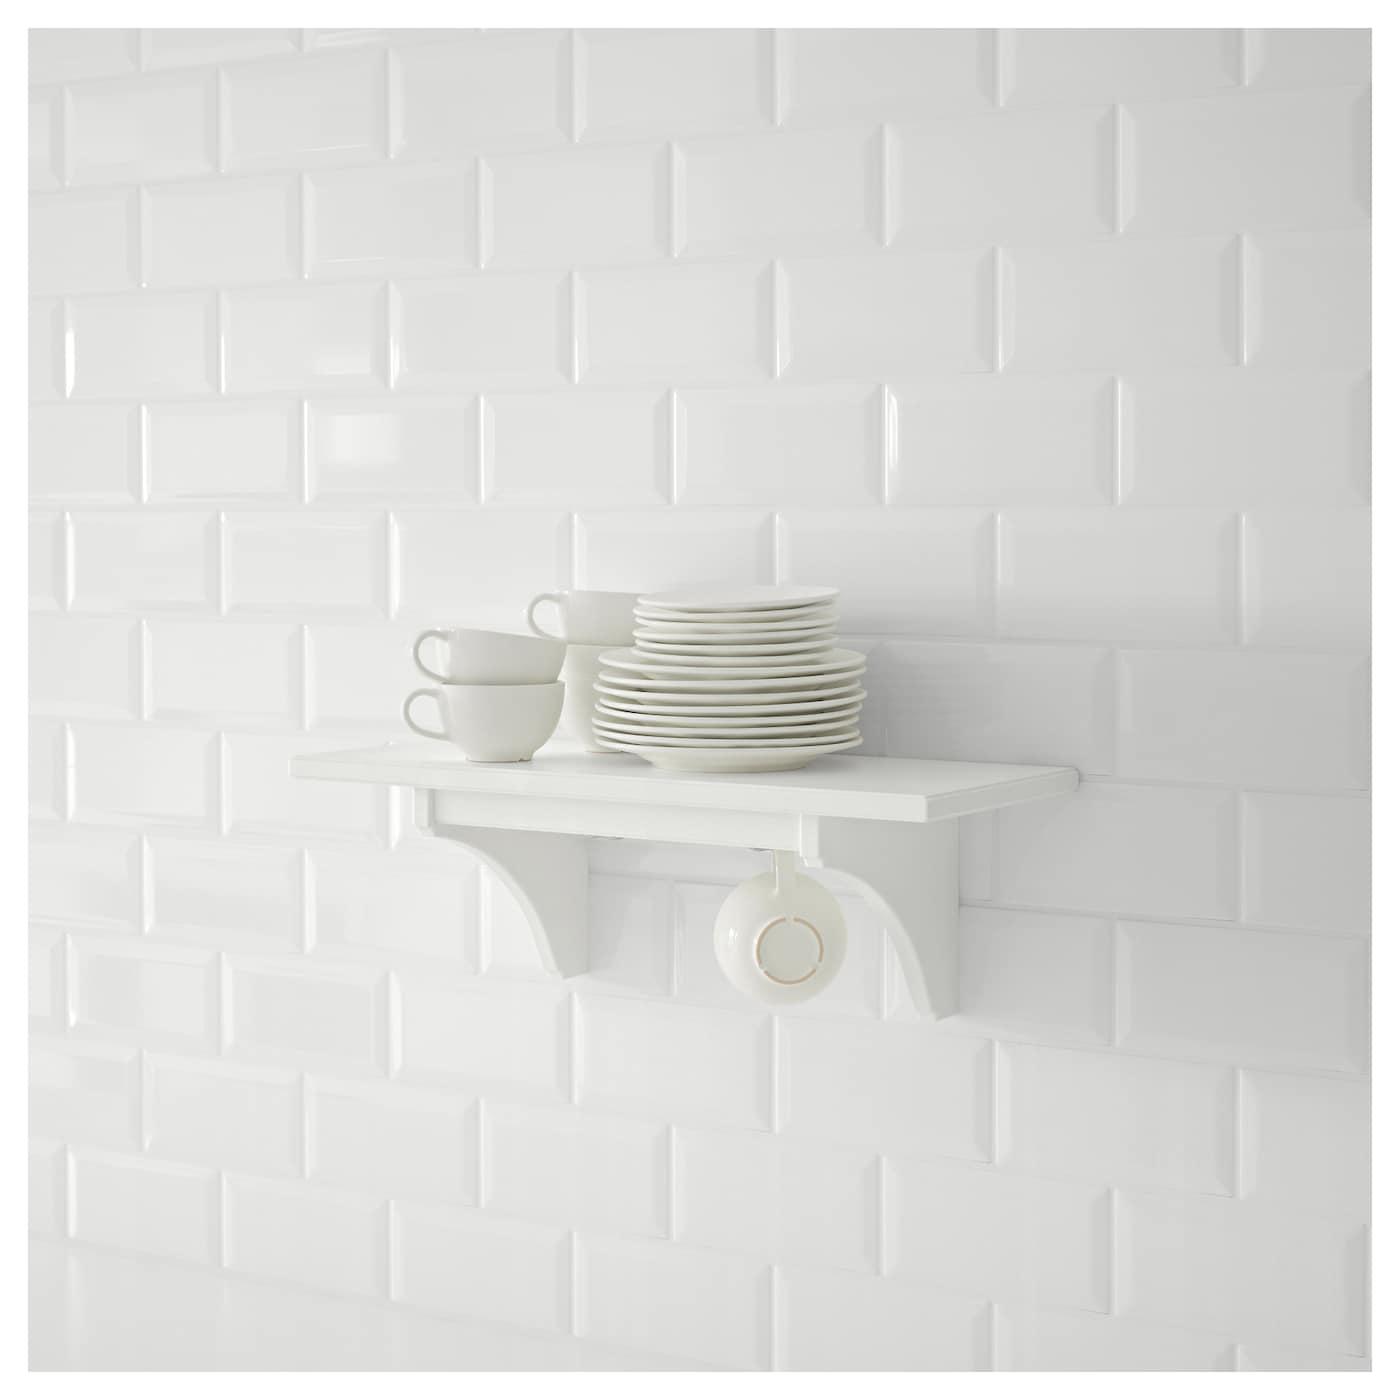 stenstorp wall shelf white 60 cm ikea. Black Bedroom Furniture Sets. Home Design Ideas